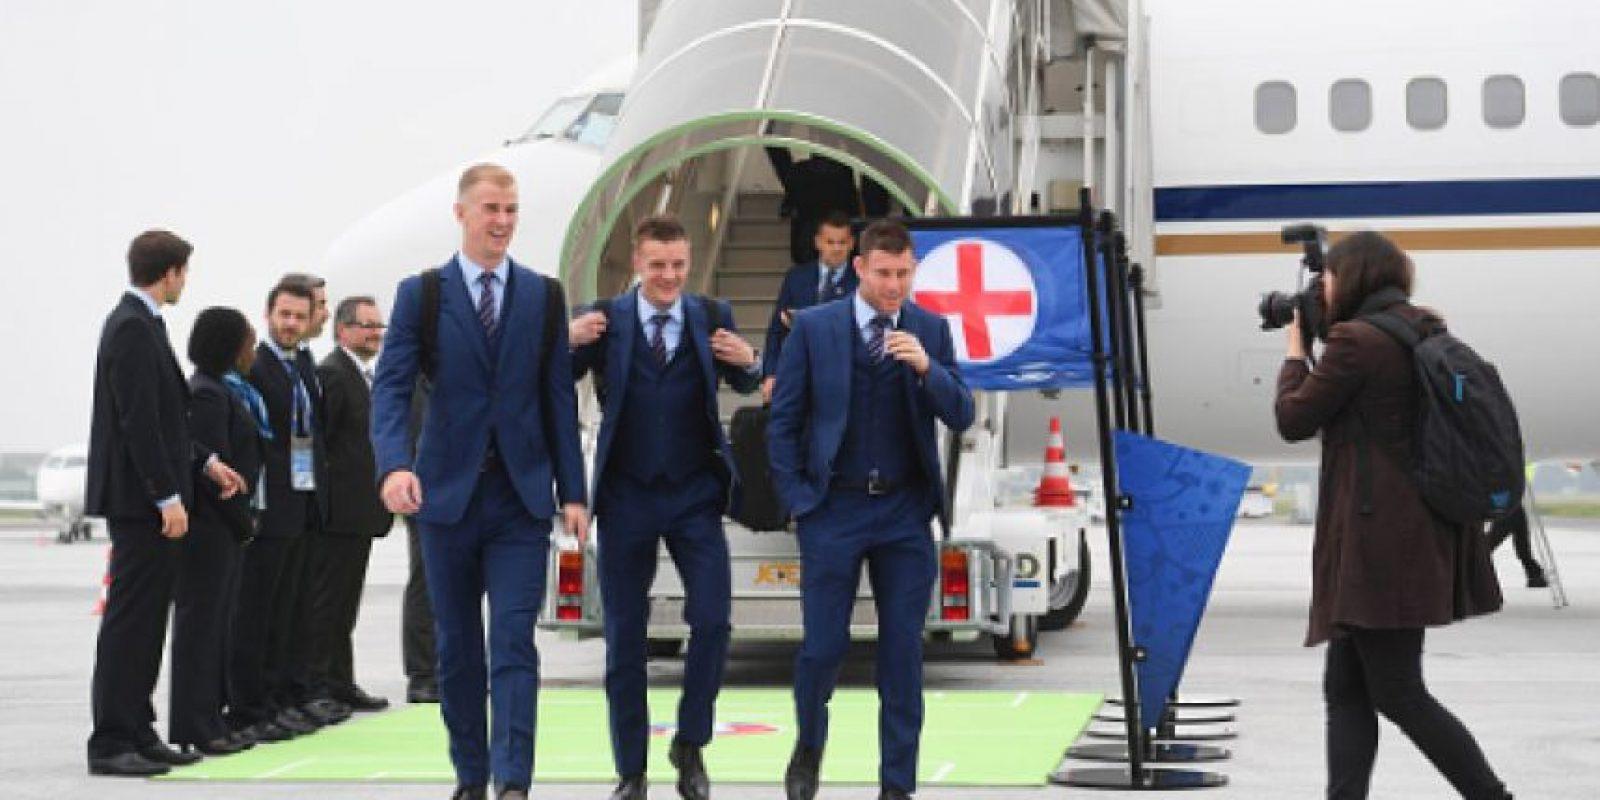 Nueva medida de seguridad para la Eurocopa 2016 Foto:Getty Images